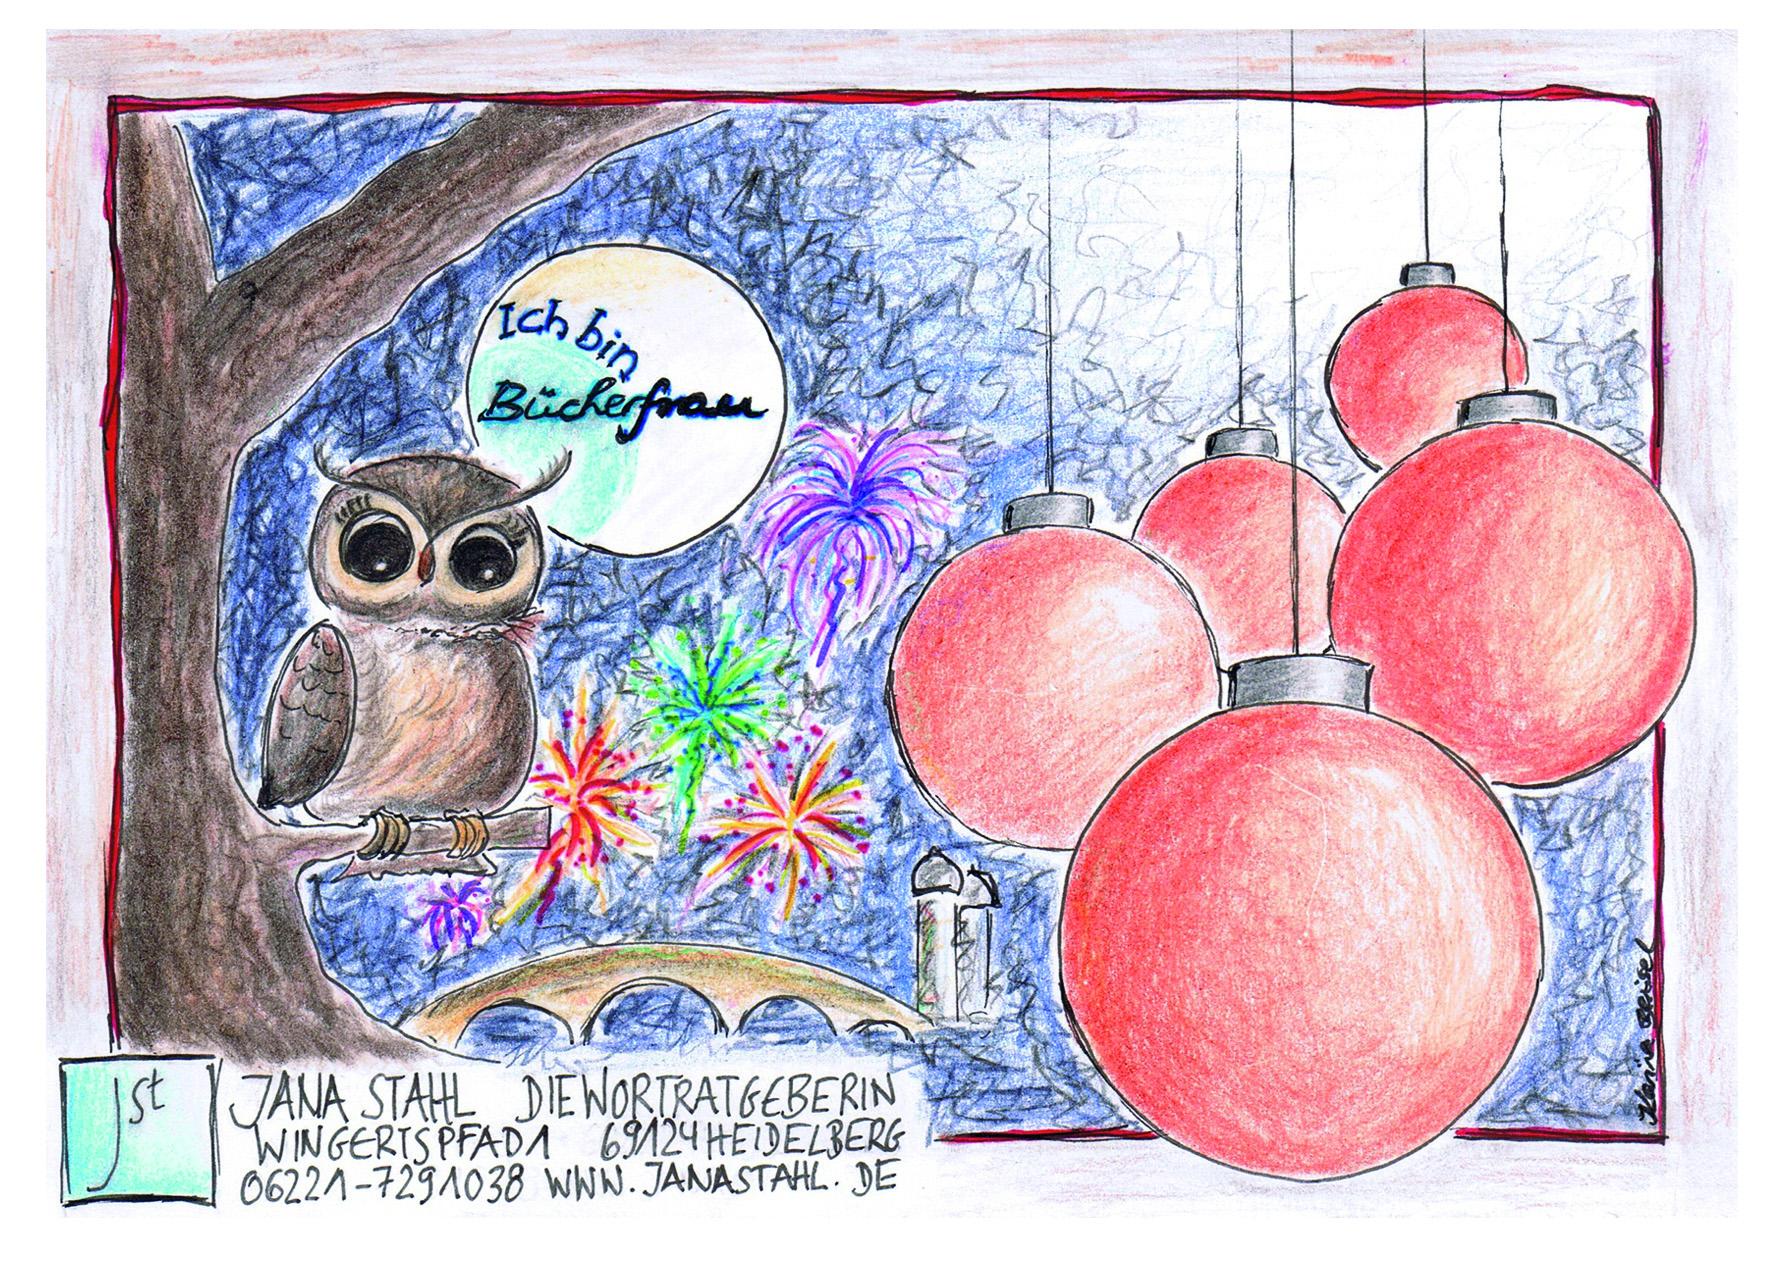 Die Weihnachtskarte 2015 zeigt eine Eule, Weihnachtsbaumkugeln sowie die Heidelberger Alte Brücke, gezeichnet von Karina Beisel